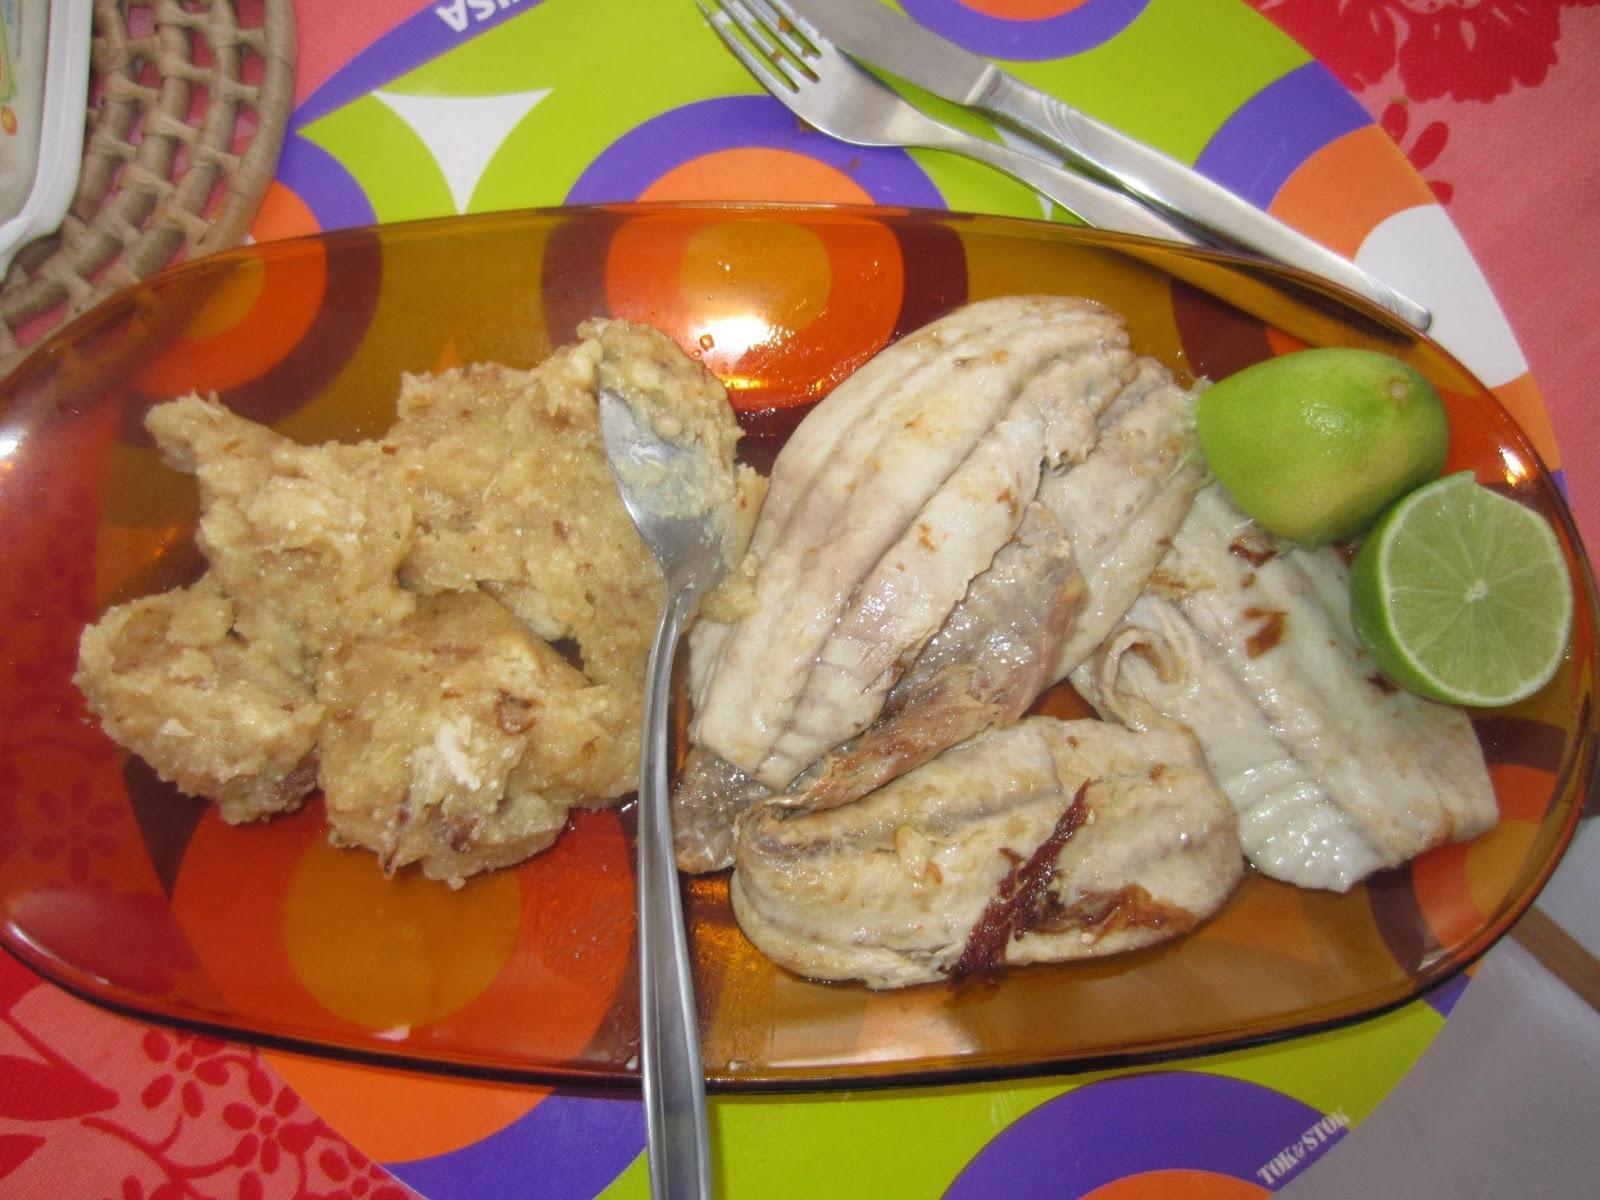 acompanhamento para filé de peixe frito